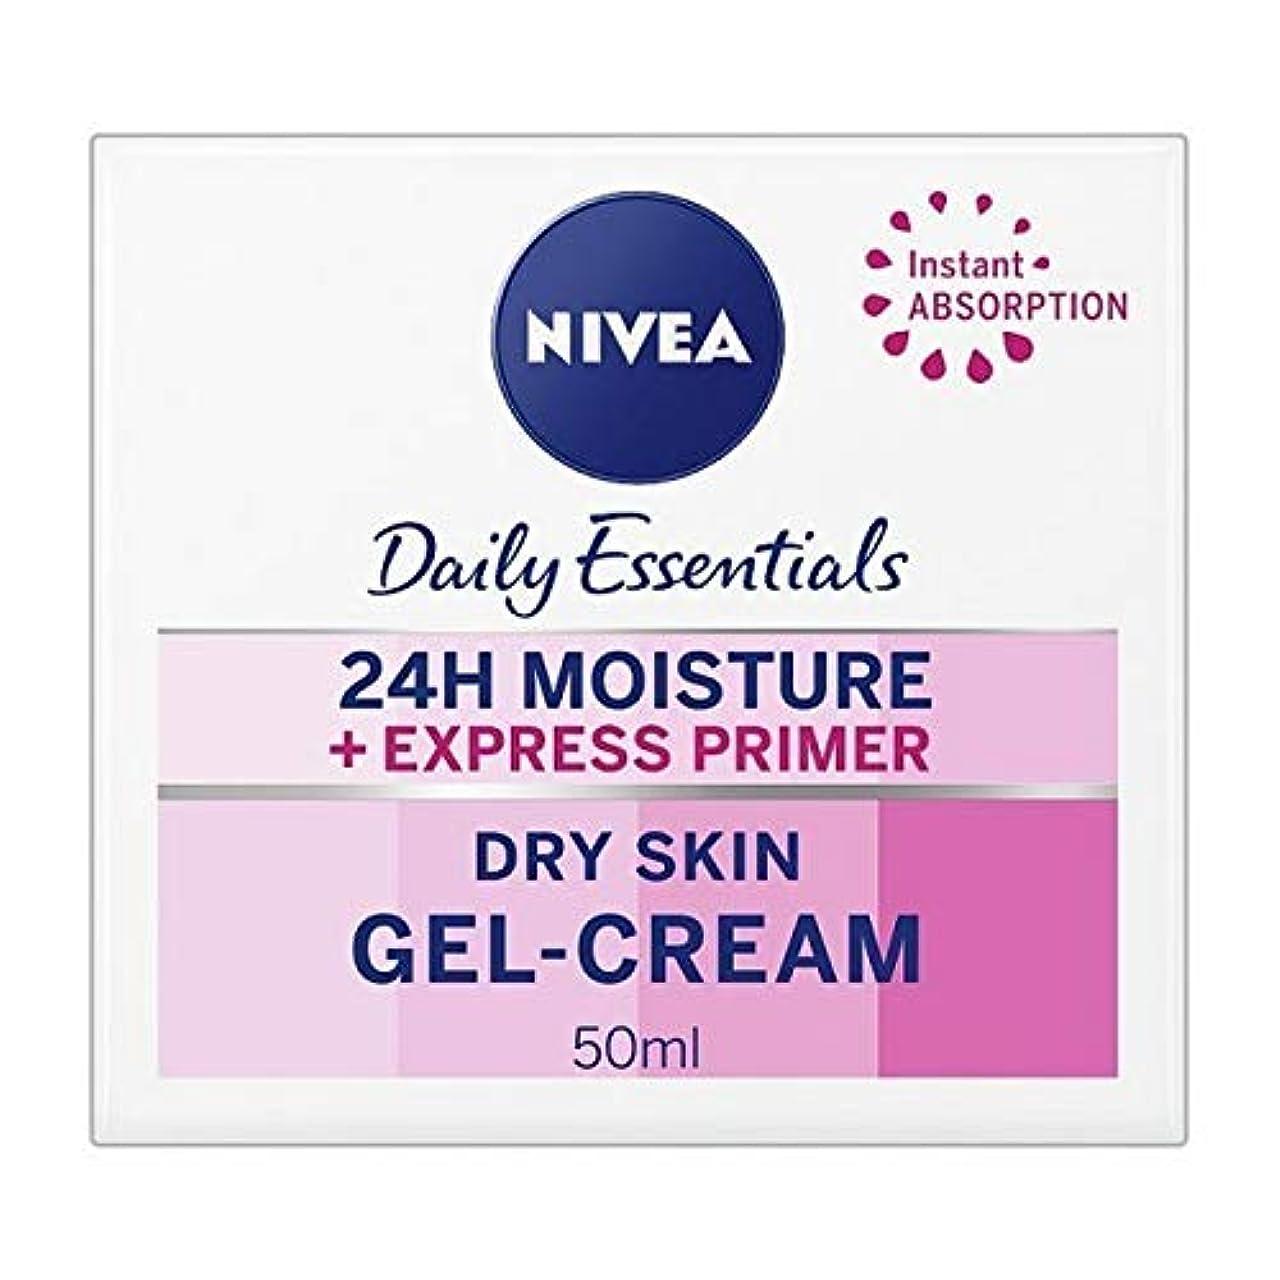 シロクマ反対する幸運[Nivea ] ニベアエクスプレスプライマーゲルクリーム、50ミリリットル - NIVEA Express Primer Gel-Cream, 50ml [並行輸入品]